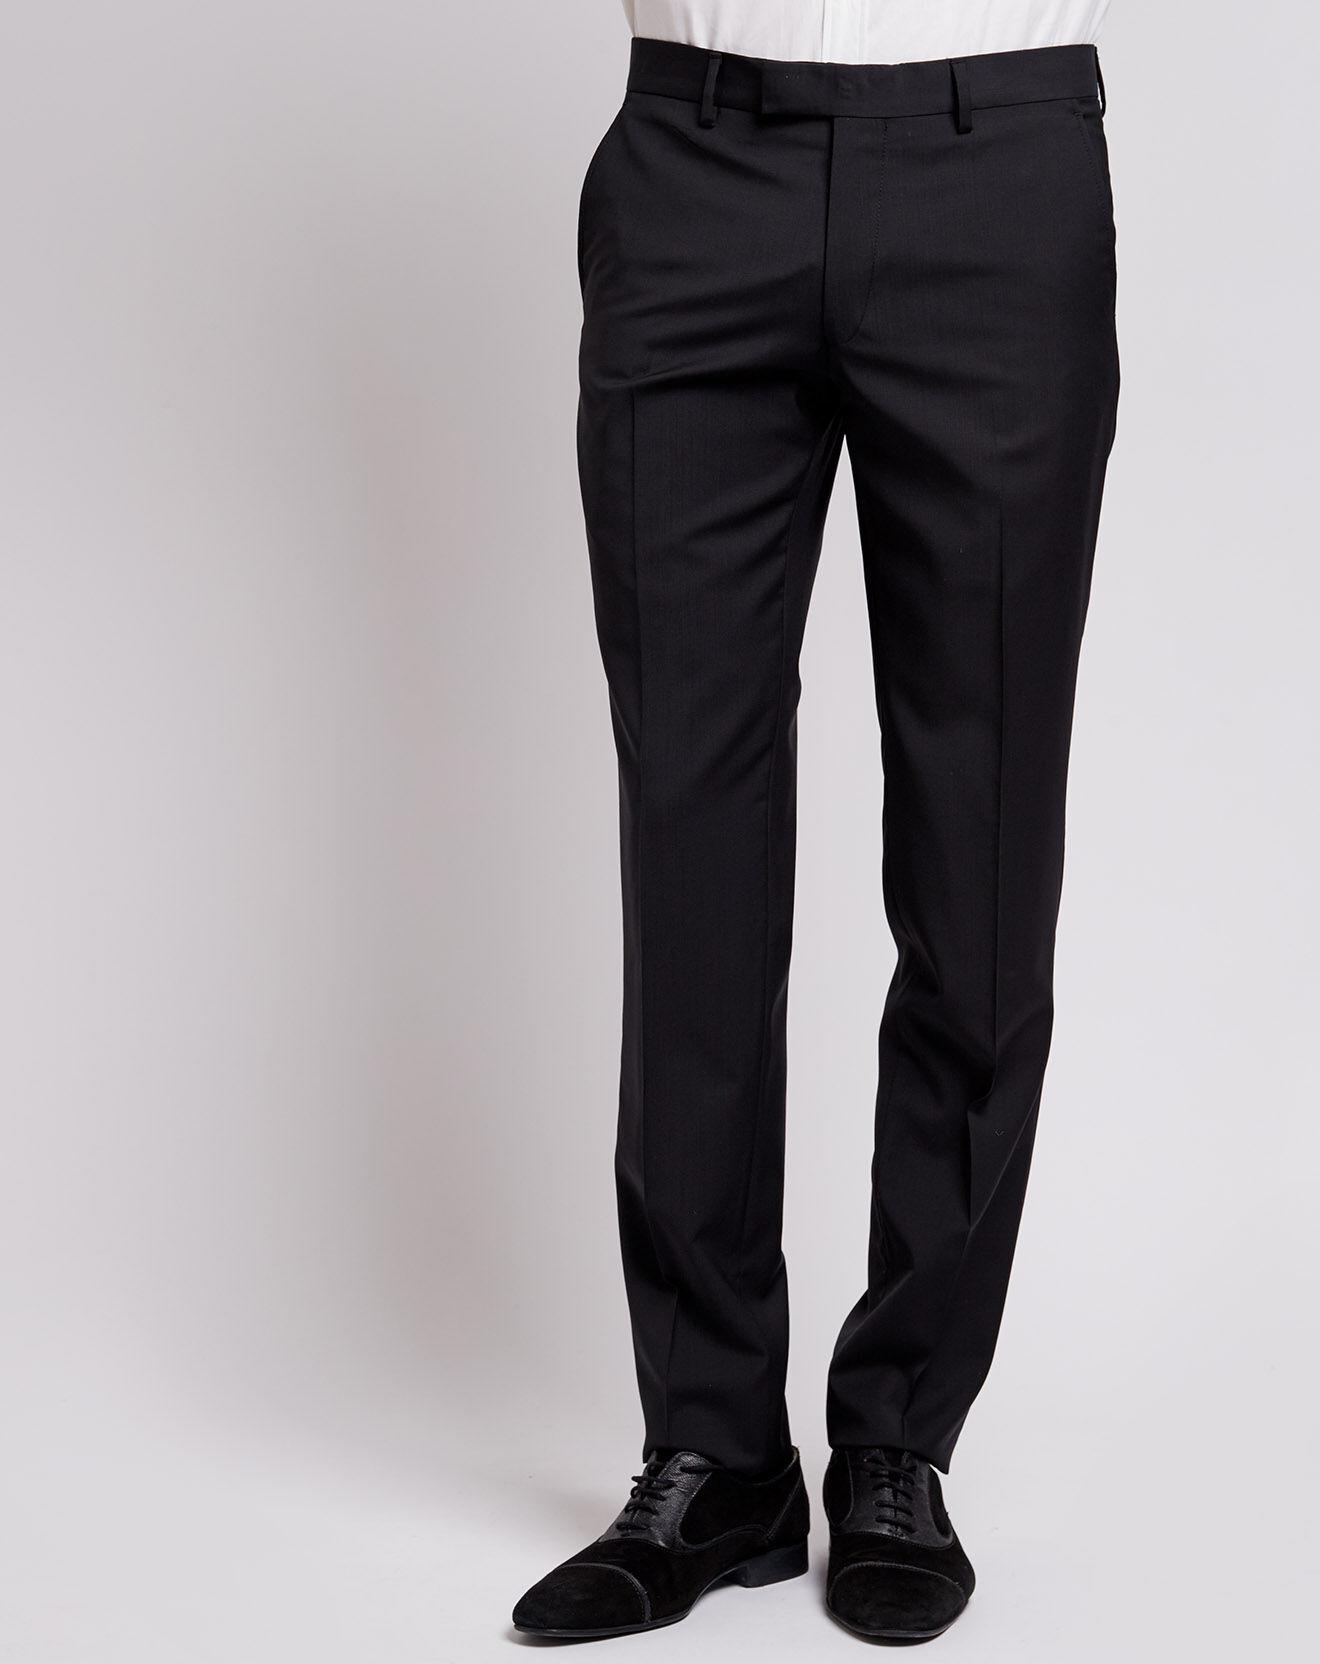 Pantalon 100% Laine Slim Super110 noir